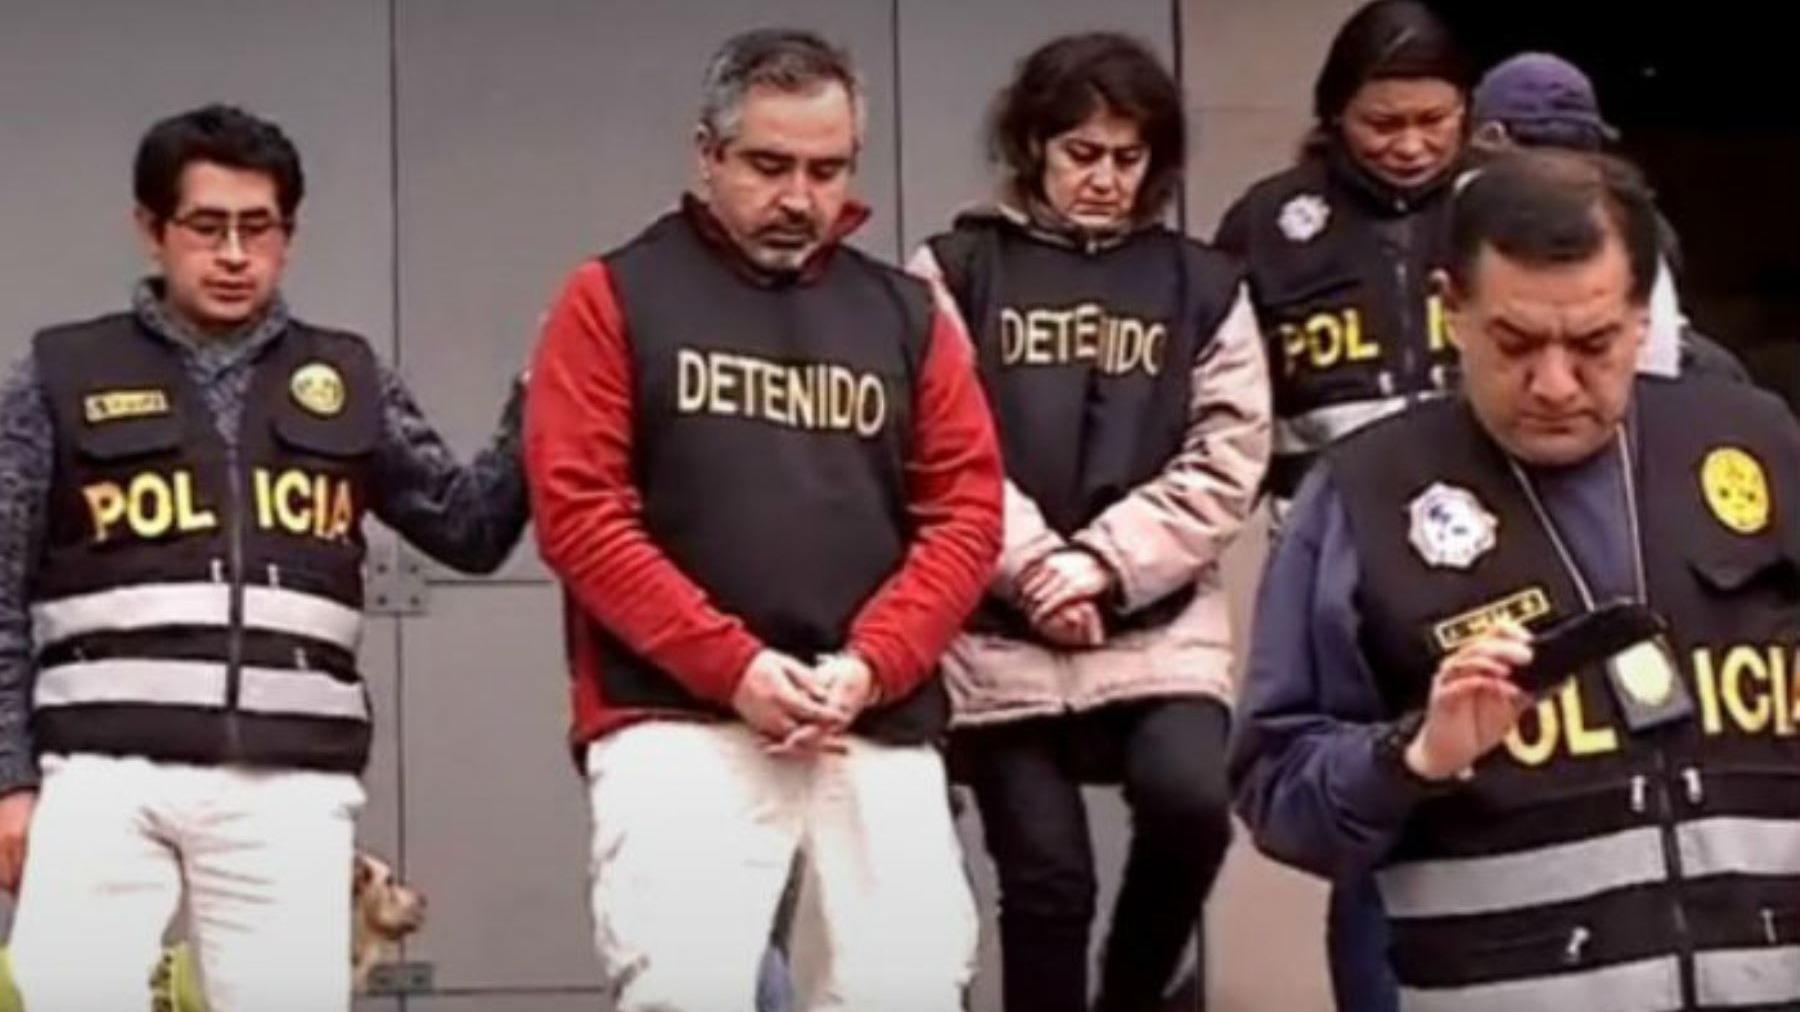 La pareja de esposos, de nacionalidad chilena, se encuentra cumpliendo prisión preventiva.